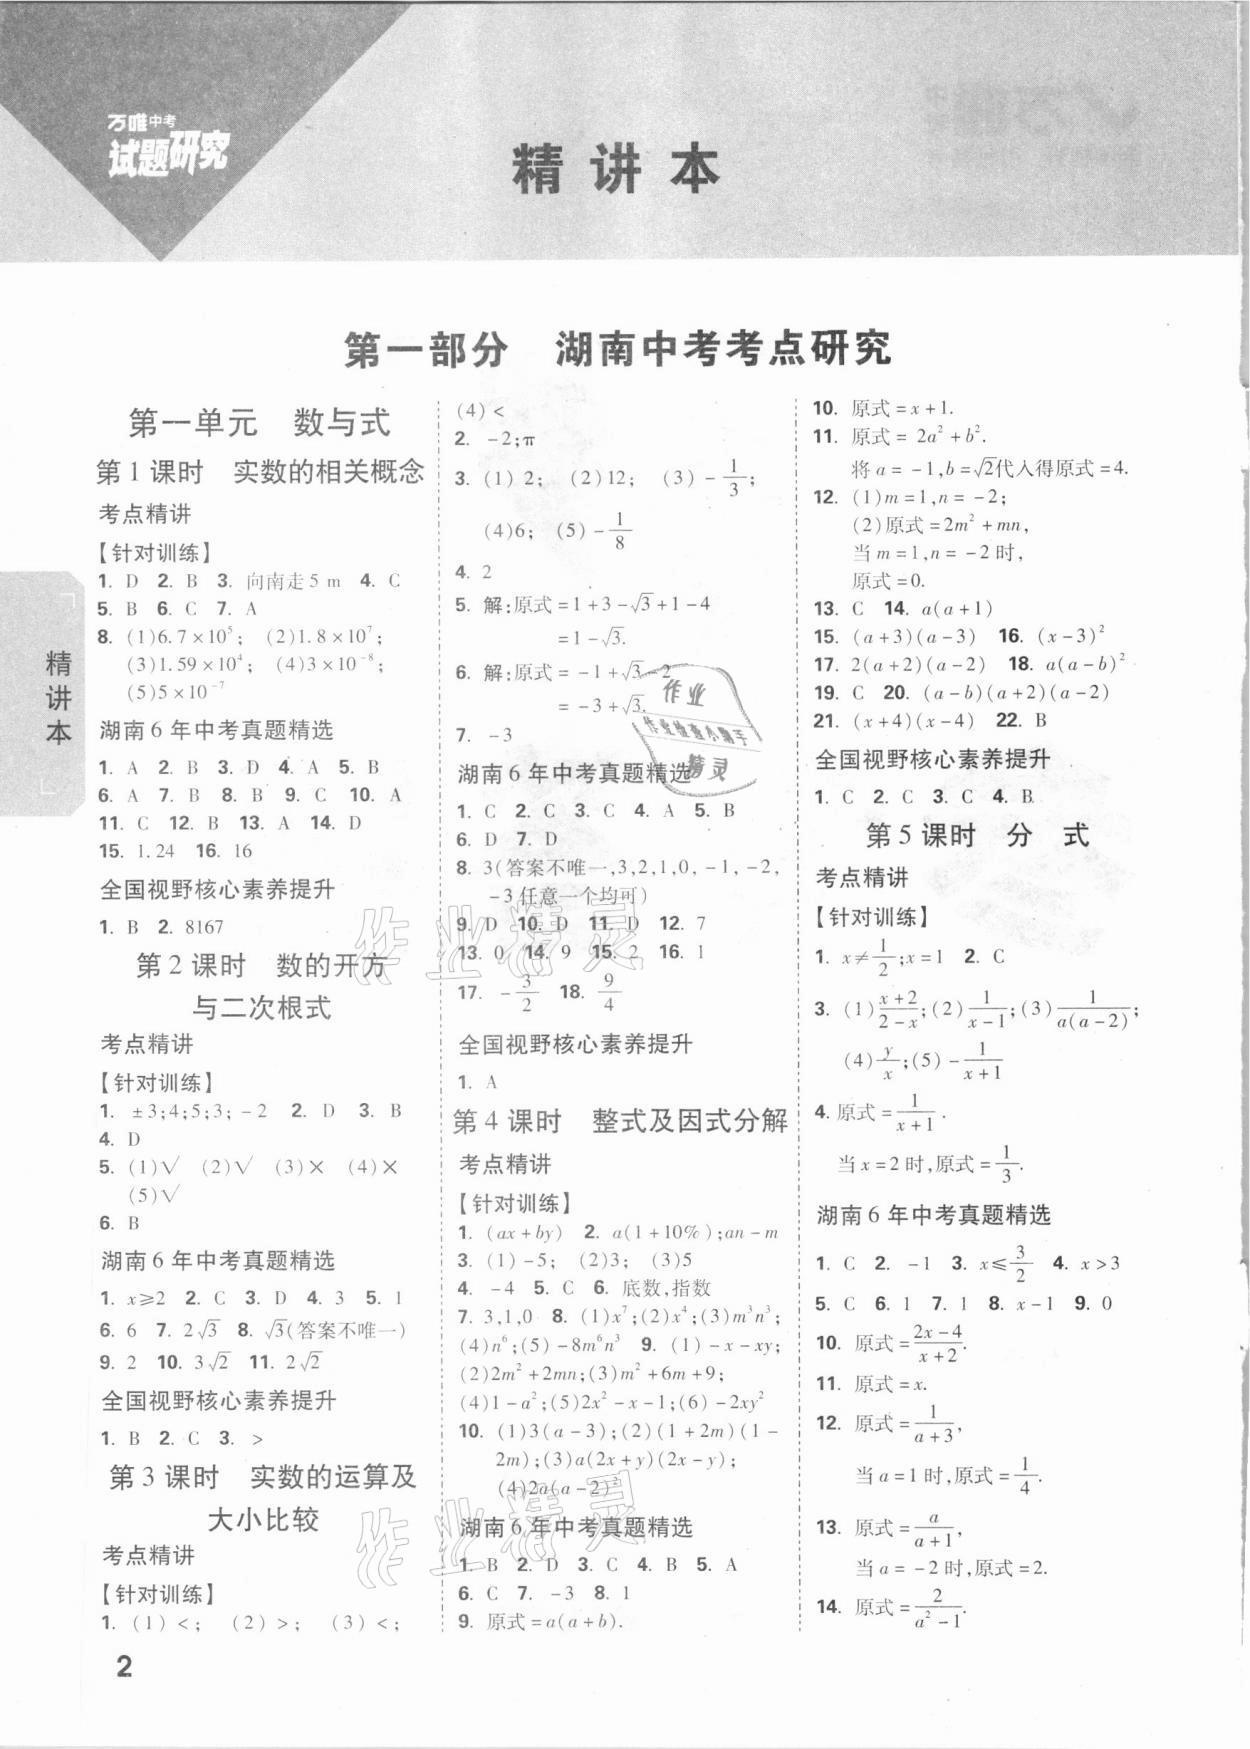 2021年万唯中考试题研究数学湖南专版参考答案第1页